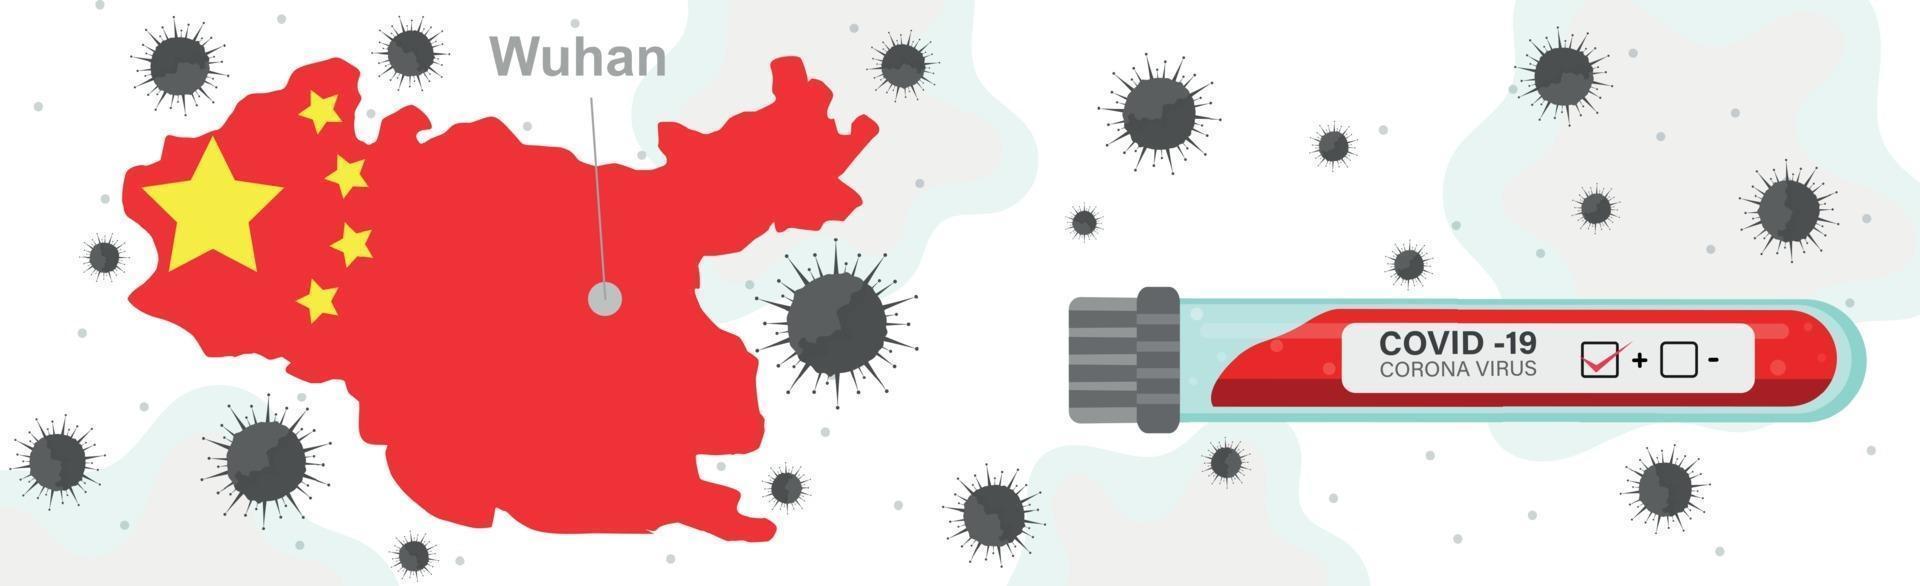 batteri romanzo virus covid-19, wuhan città della cina - vettore